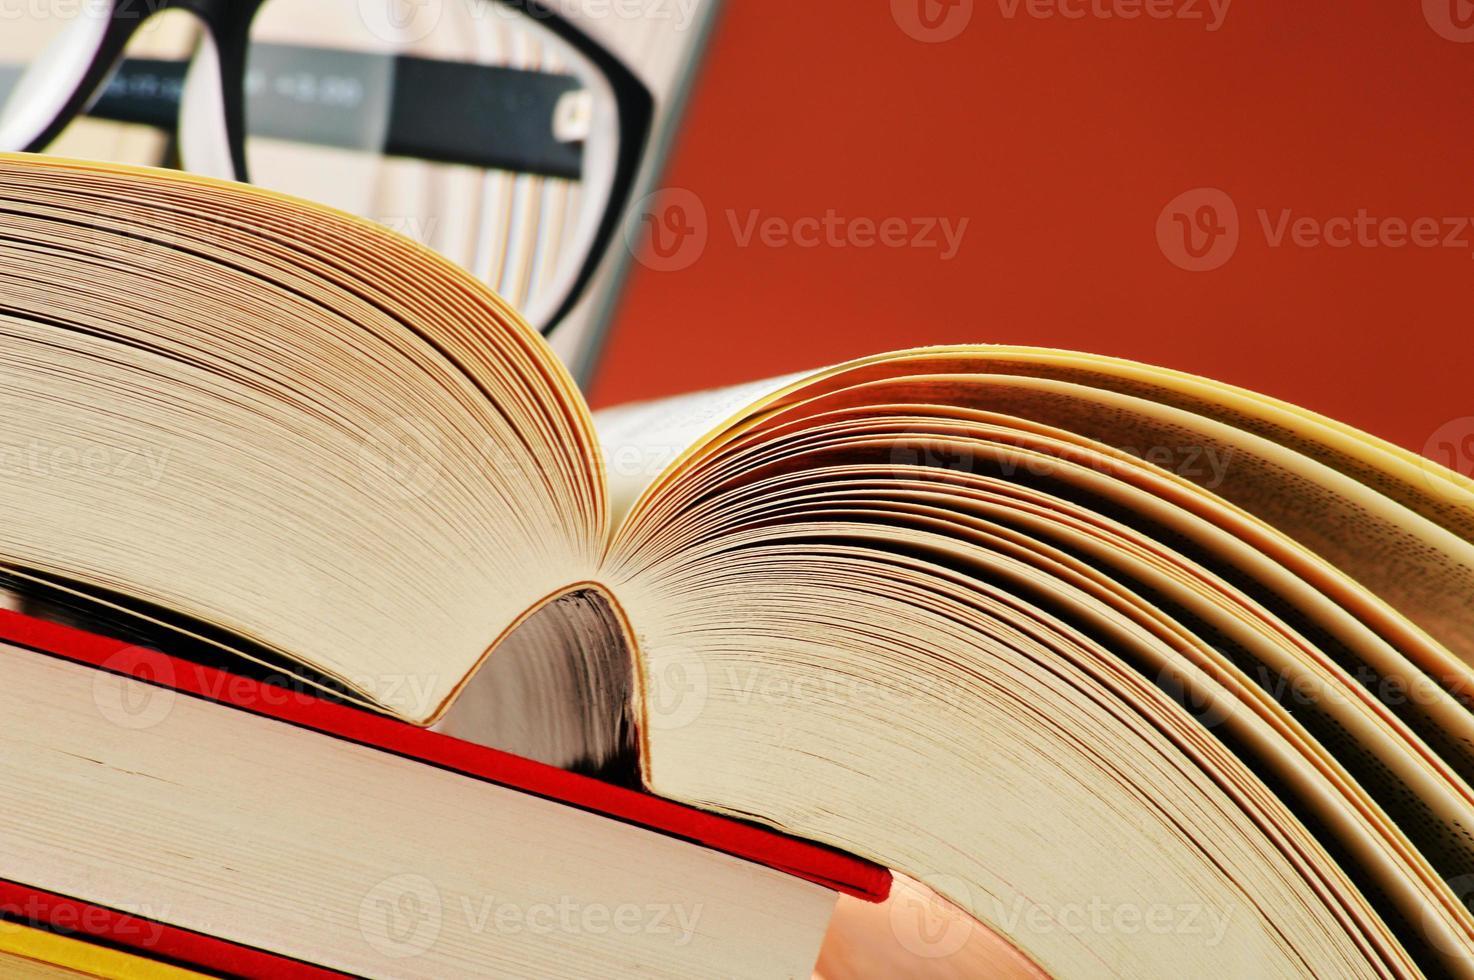 sammansättning med glasögon och böcker på bordet foto